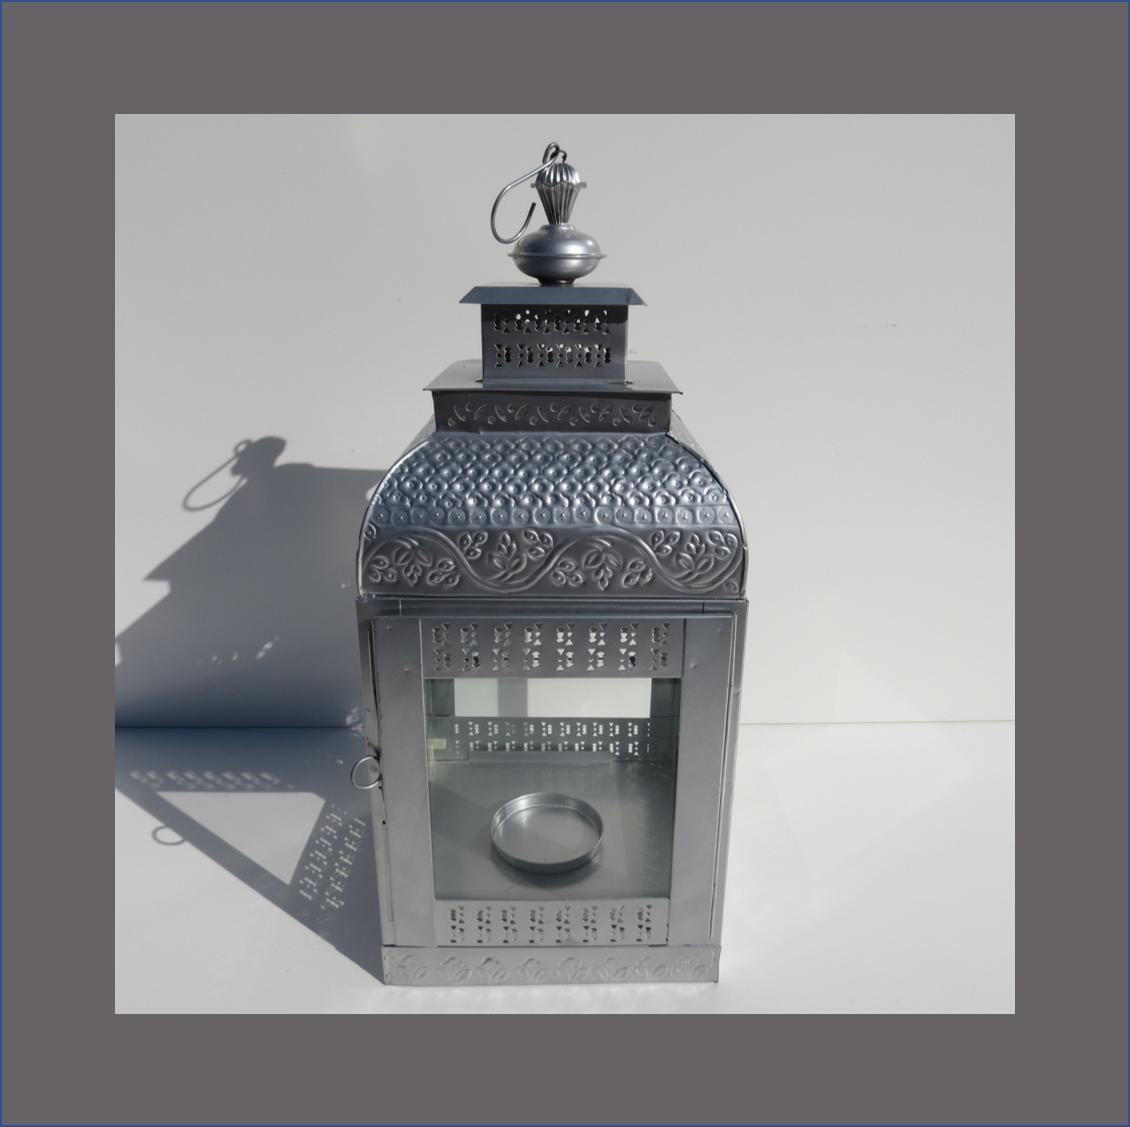 silver-pewter-hanging-lantern